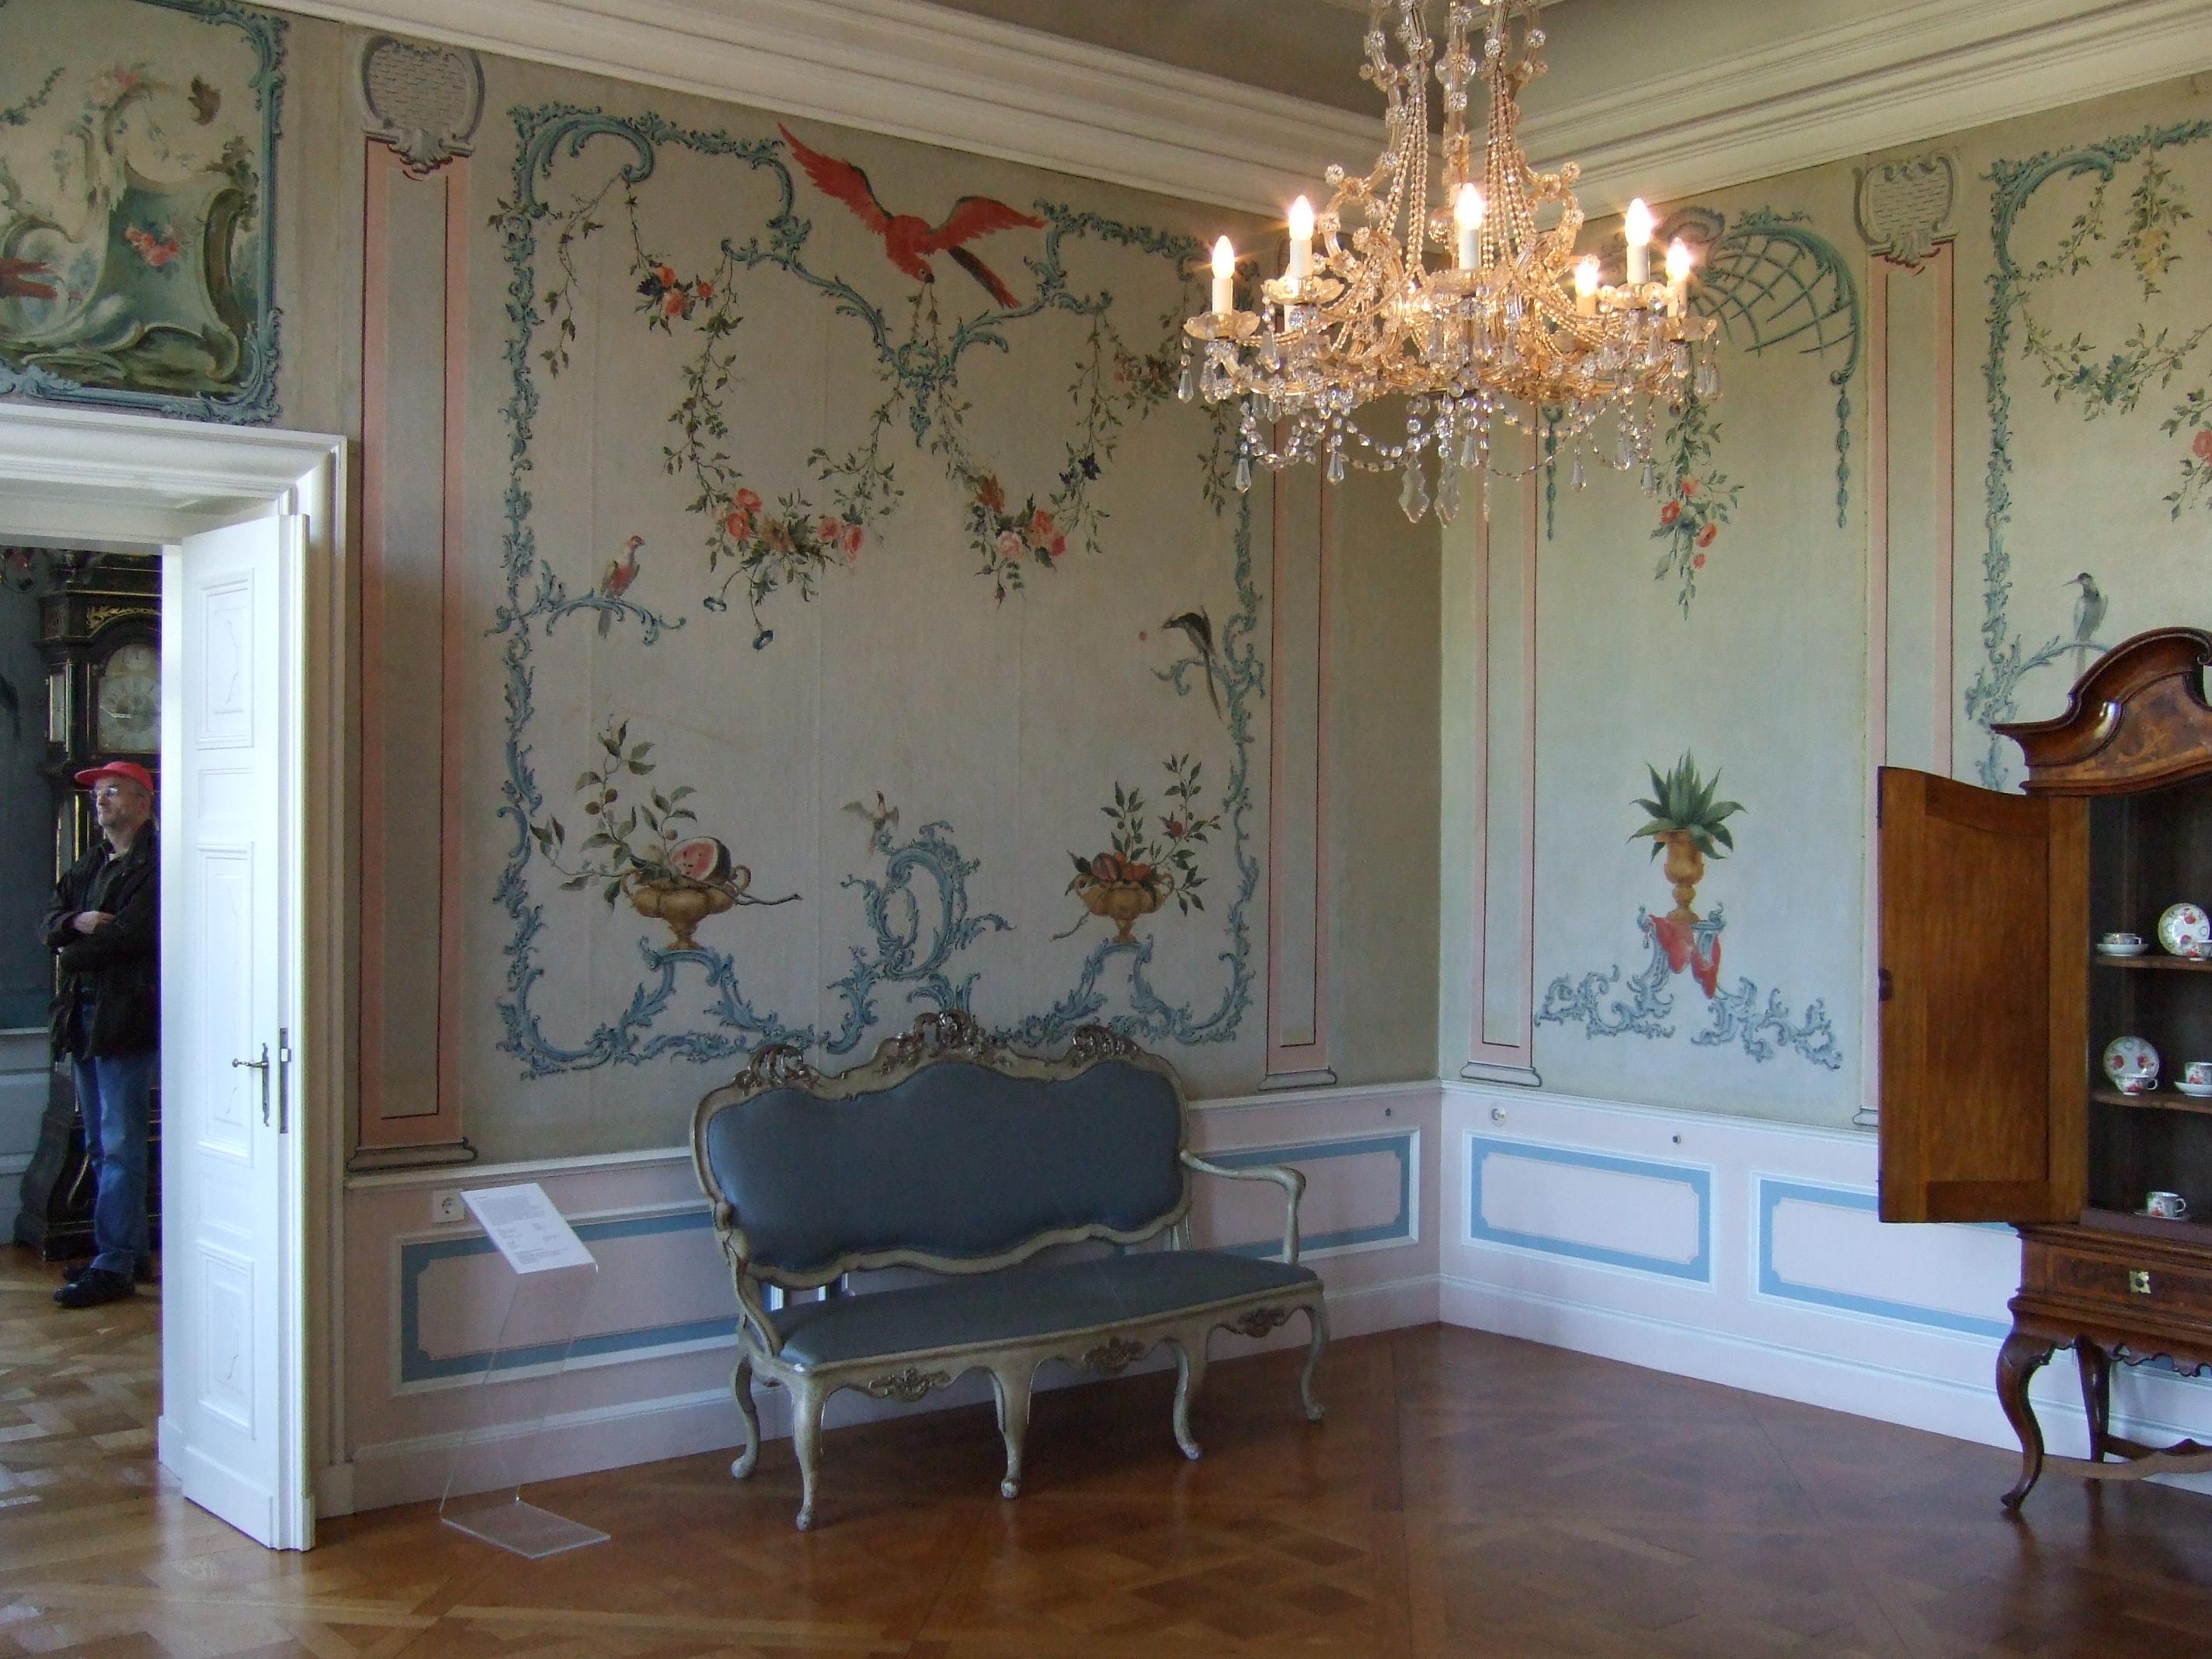 File:Rundgang 21 - Zimmer 3.jpg - Wikimedia Commons